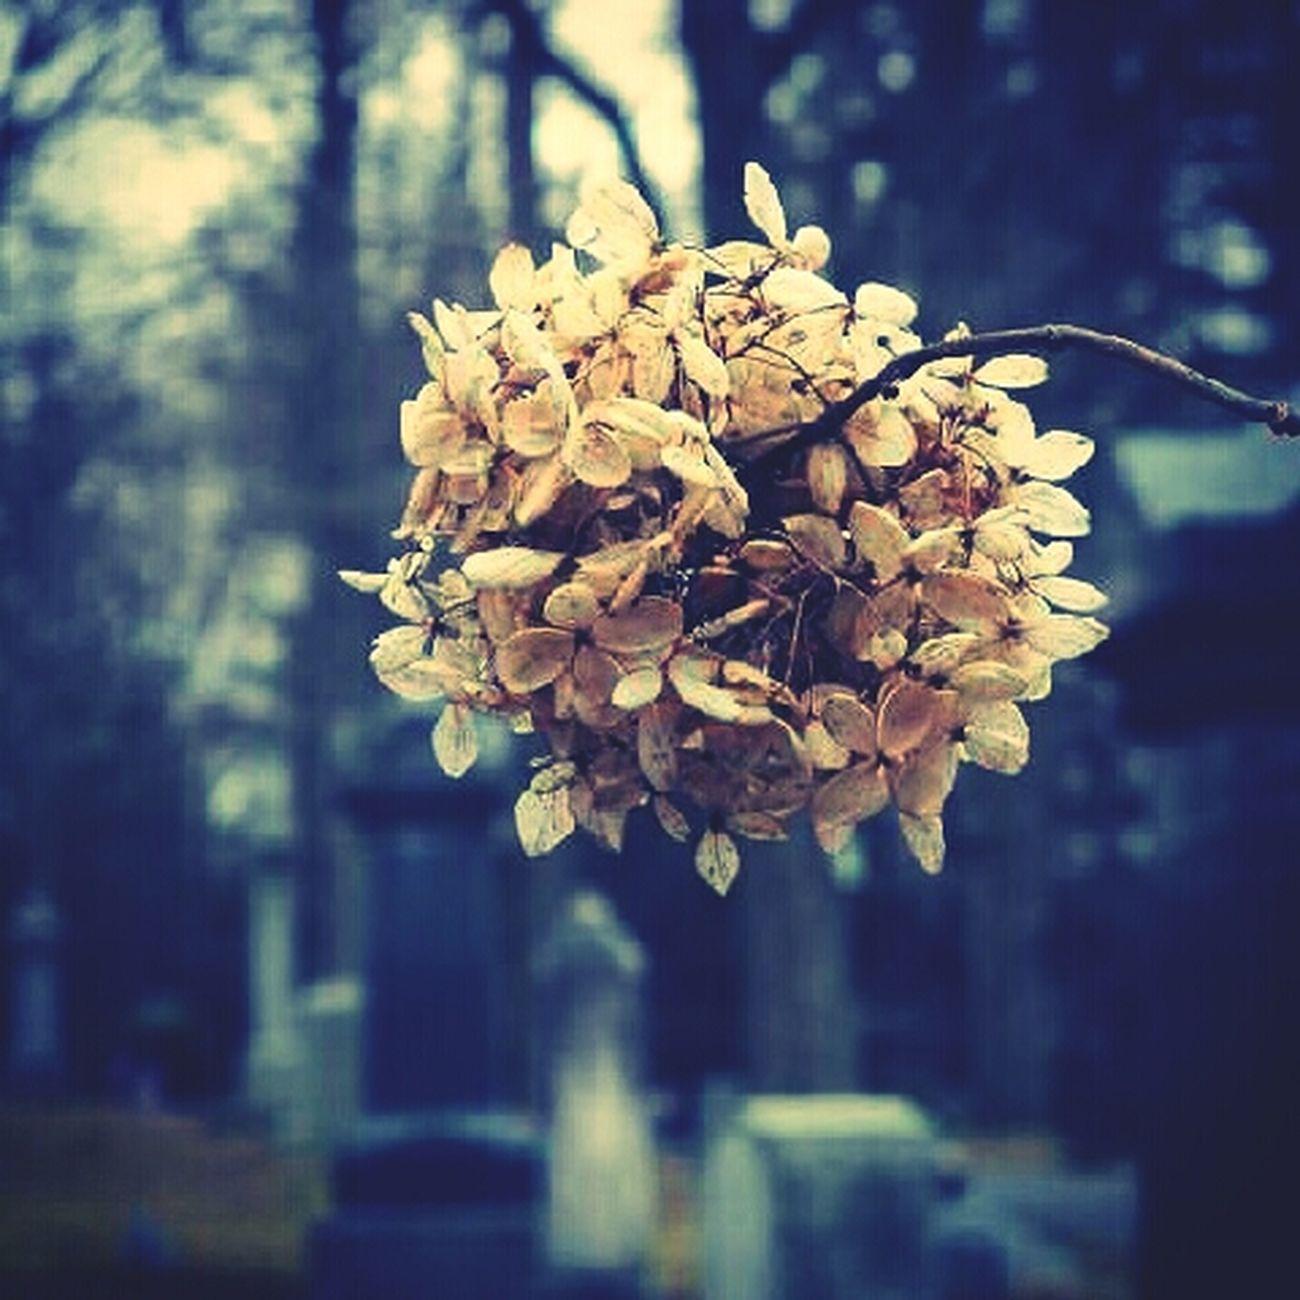 Flowers Cemetery Beauty In Decay Deadplaces Deadflowers